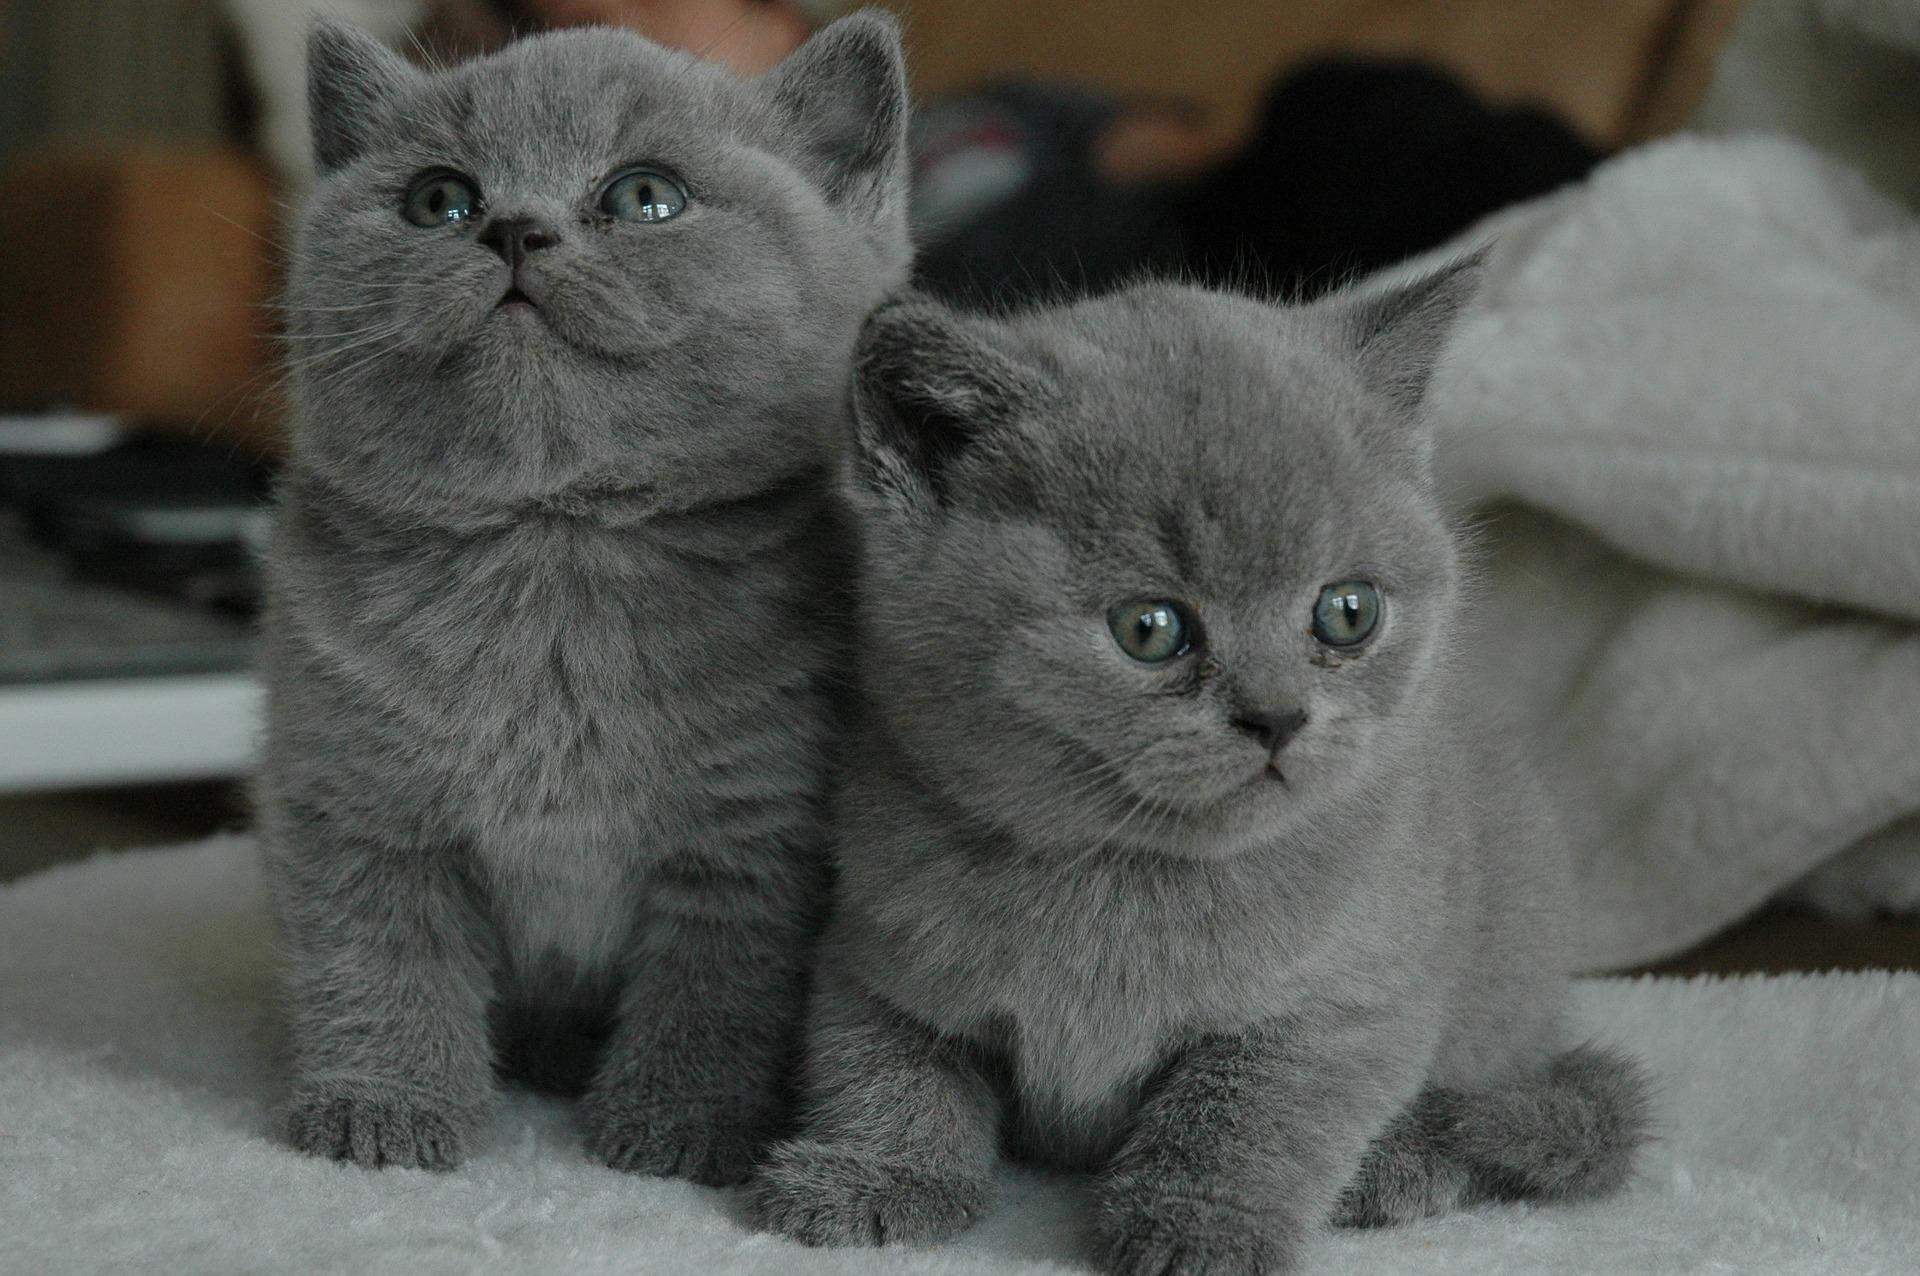 Los gatos jóvenes crecen muy rápido